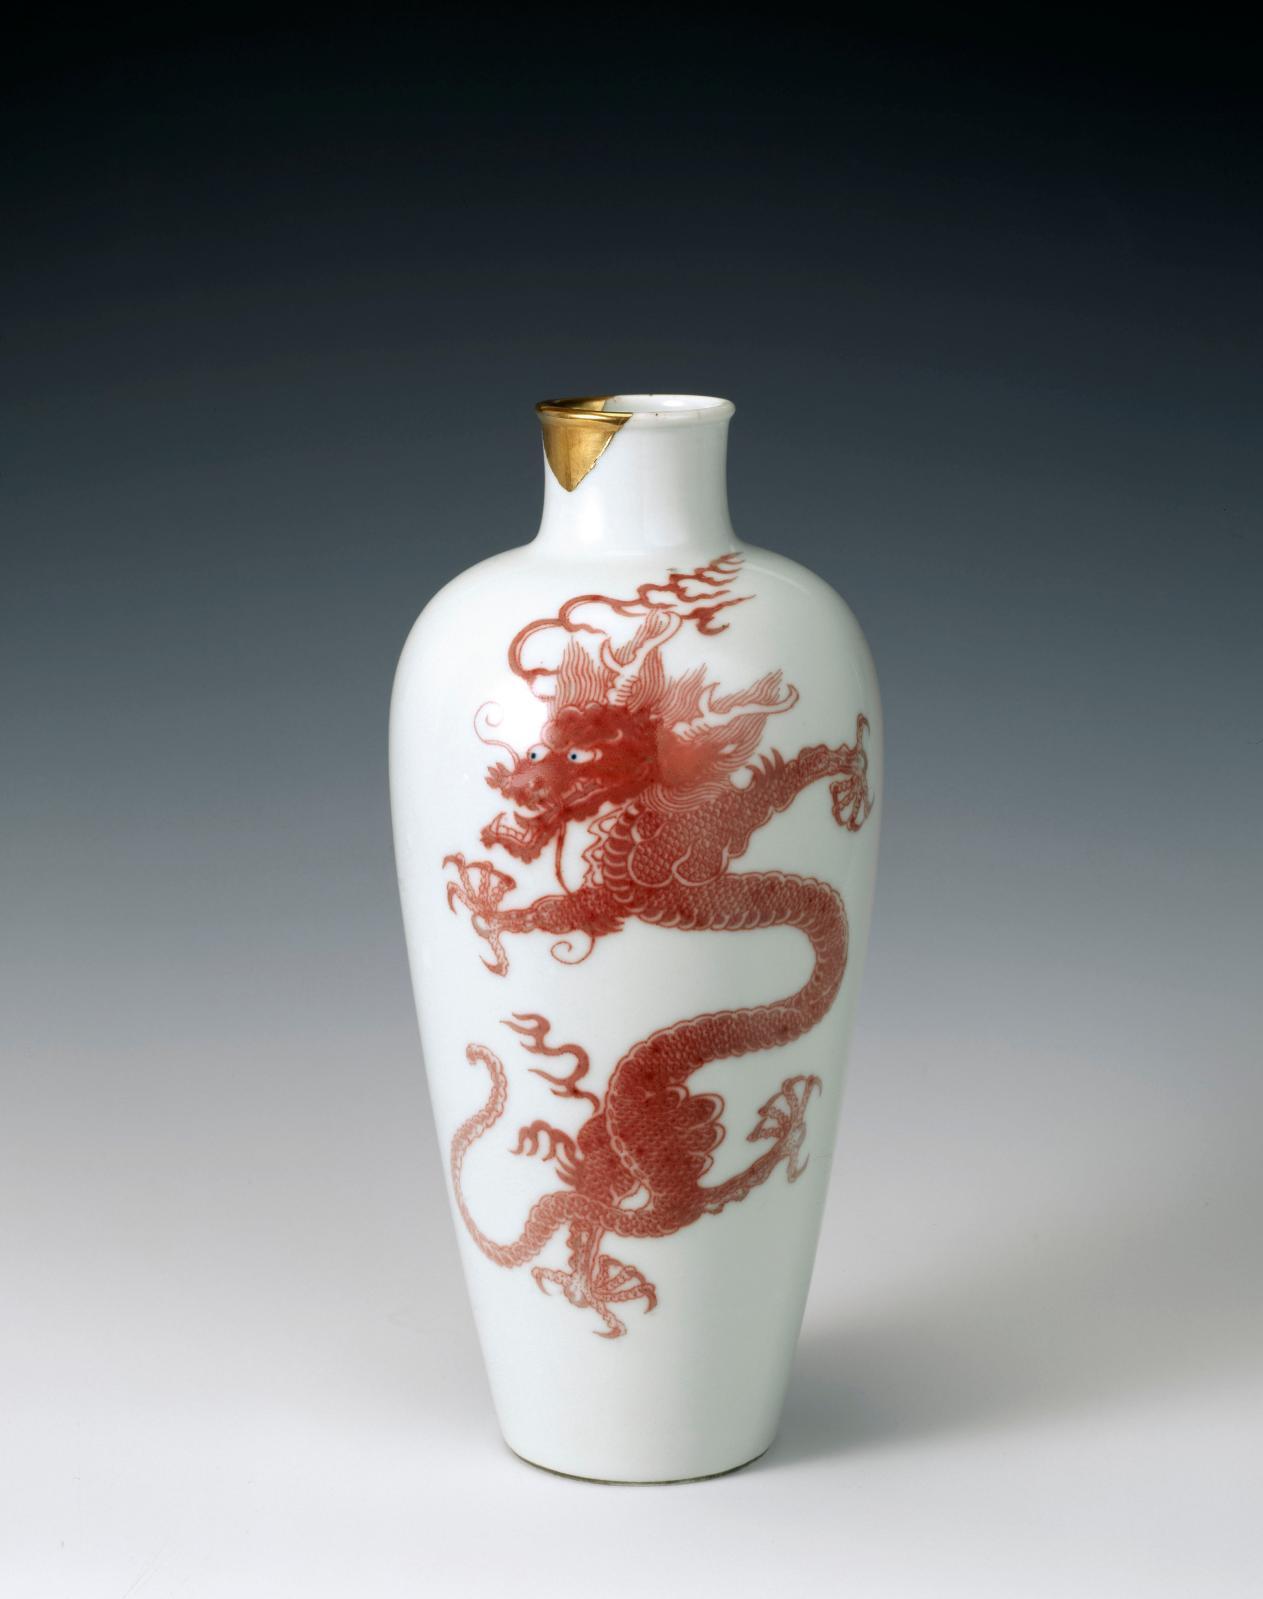 Vase à motif de dragon d'époque Kangxi(1661-1722), porcelaine peinte en rouge de cuivre sous couverte et pupilles en bleu de cobalt, Fondation Baur,